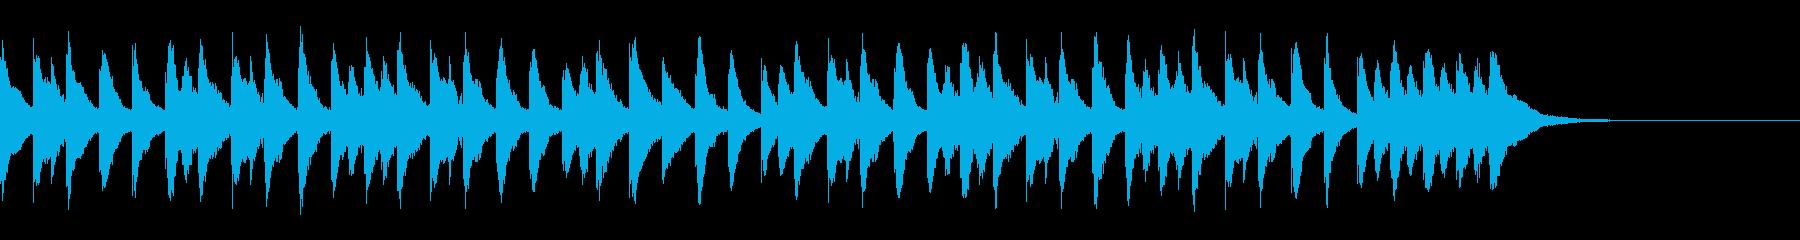 謎解き、シンキングタイムのジングルの再生済みの波形